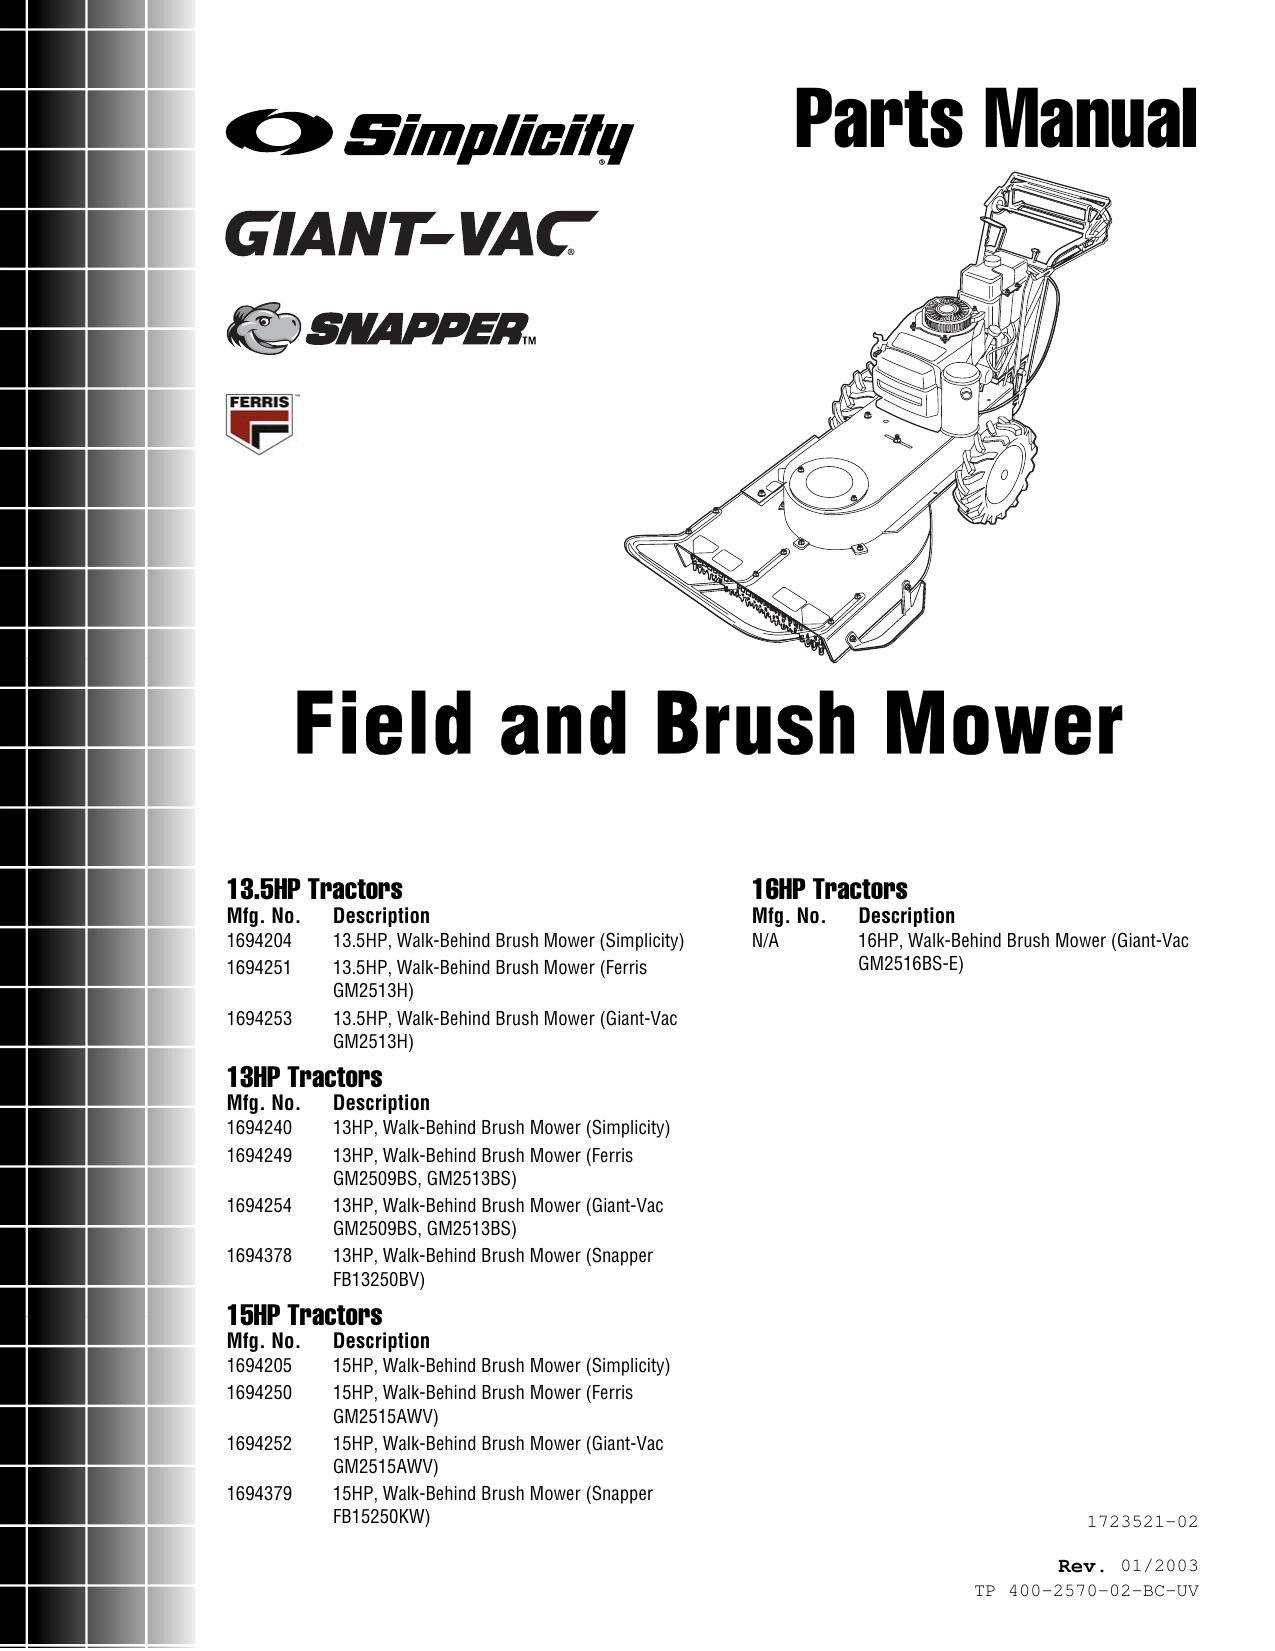 Simplicity 13 5Hp Parts Manual TP 400 2570 02 BC UV